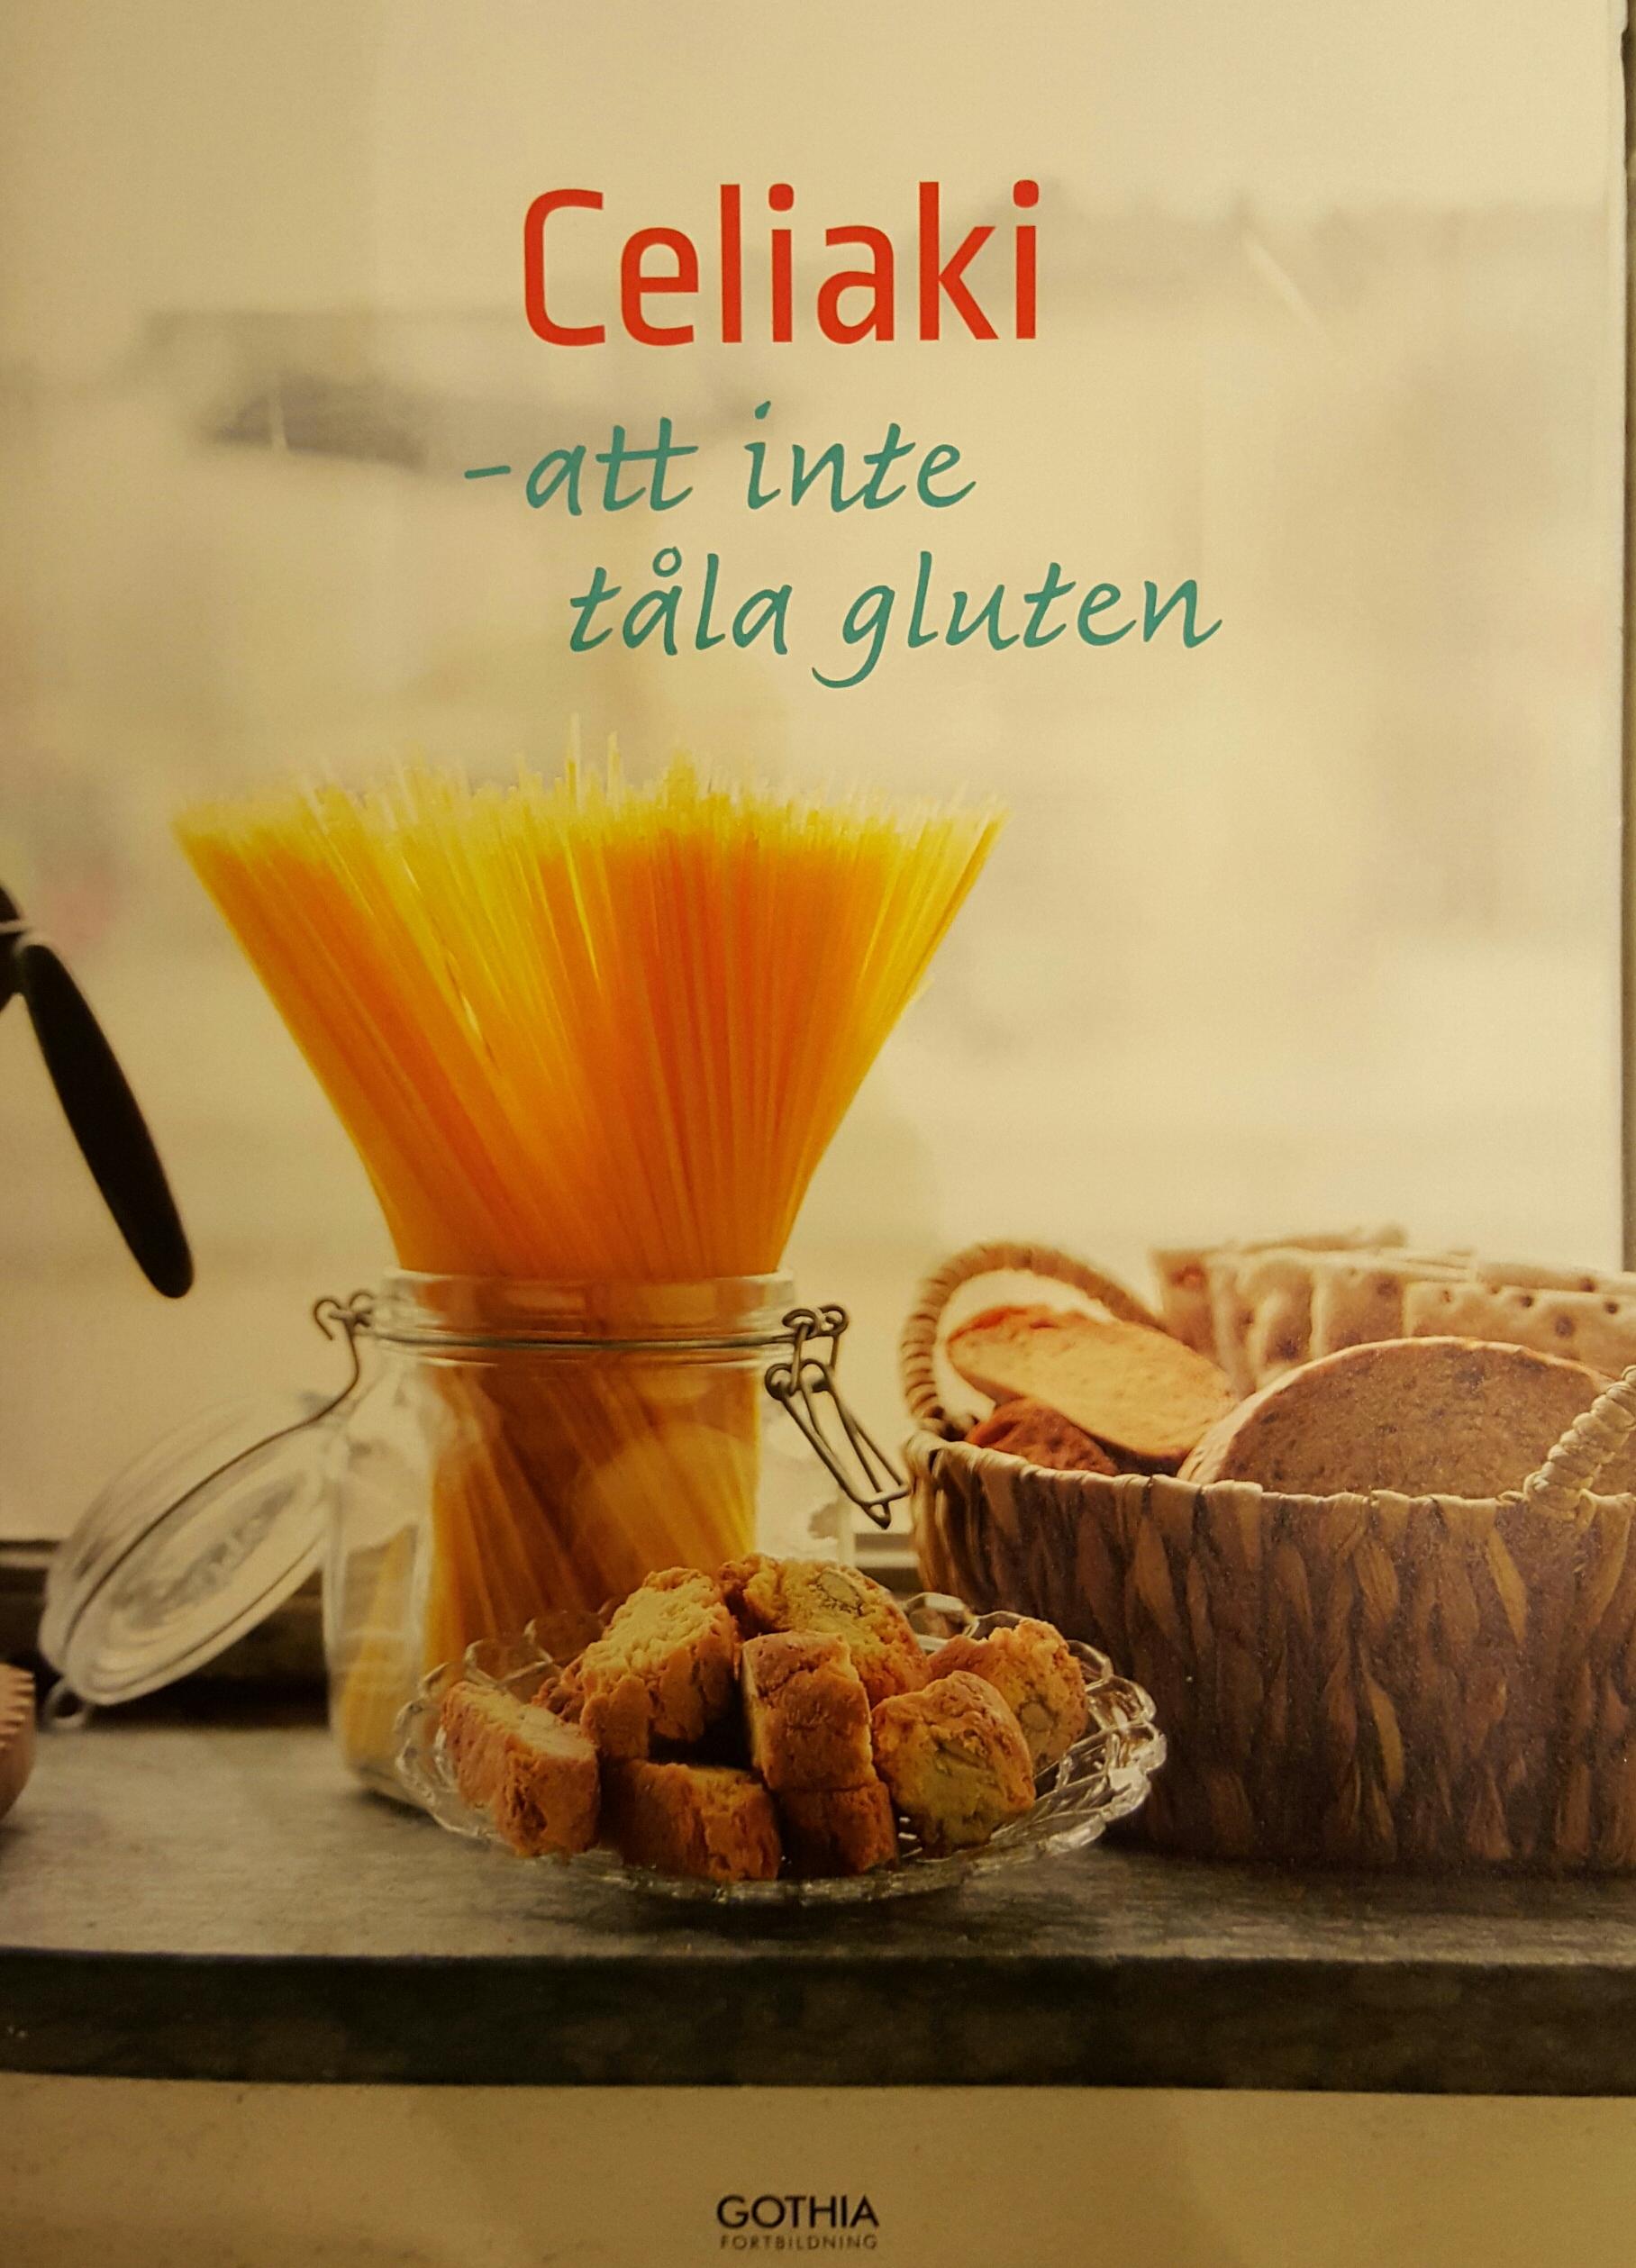 Celiaki - att inte tåla gluten - Utsida